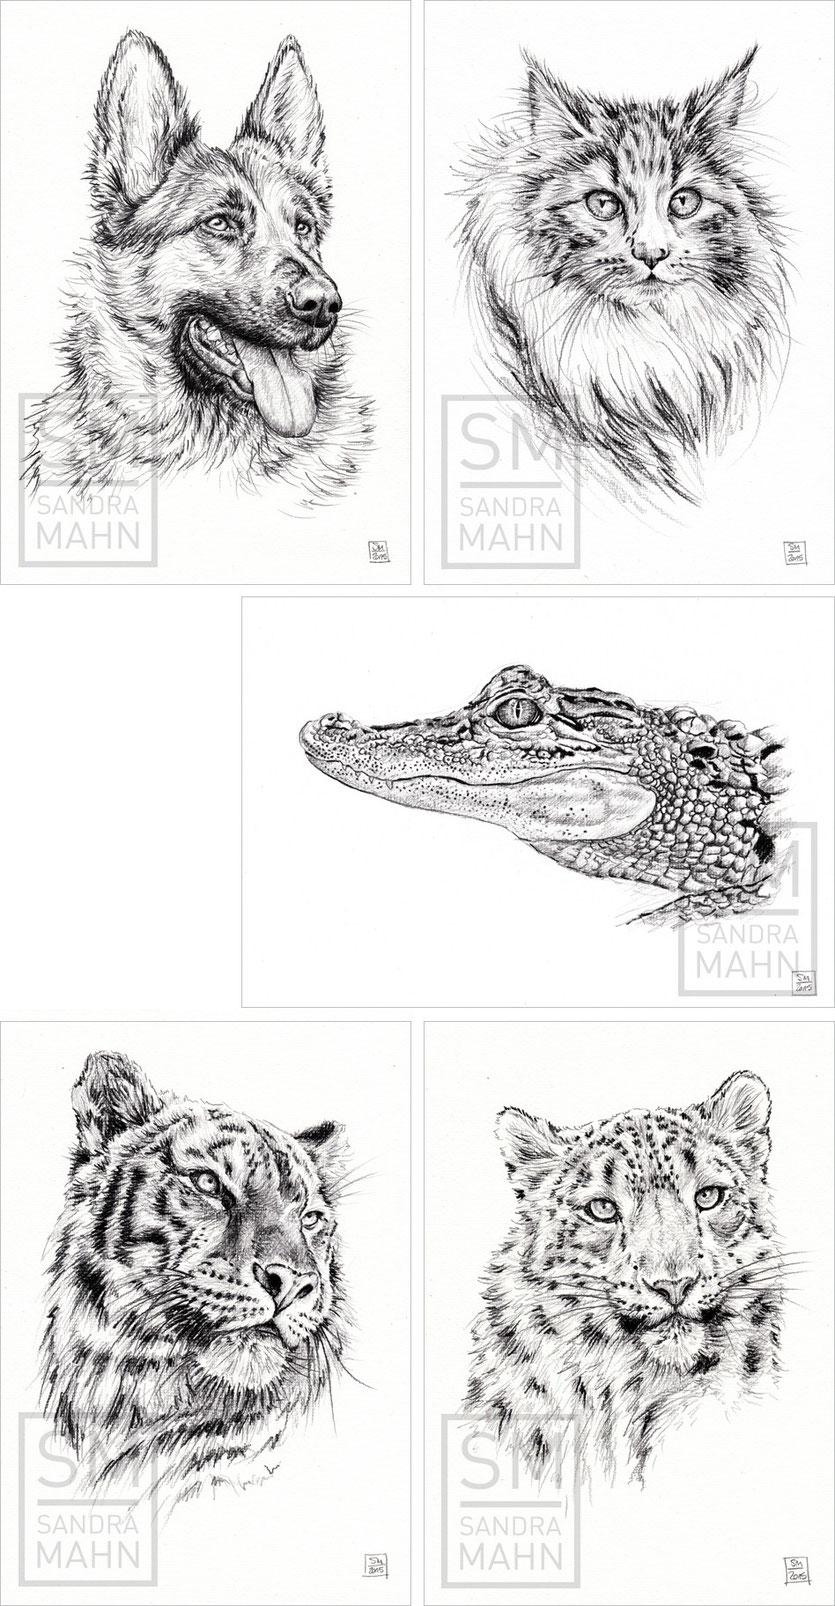 Schäferhund - Katze - Krokodil (verkauft) - Tiger - Schneeleopard | shepherd dog - cat - crocodile (sold) - tiger - snow leopard